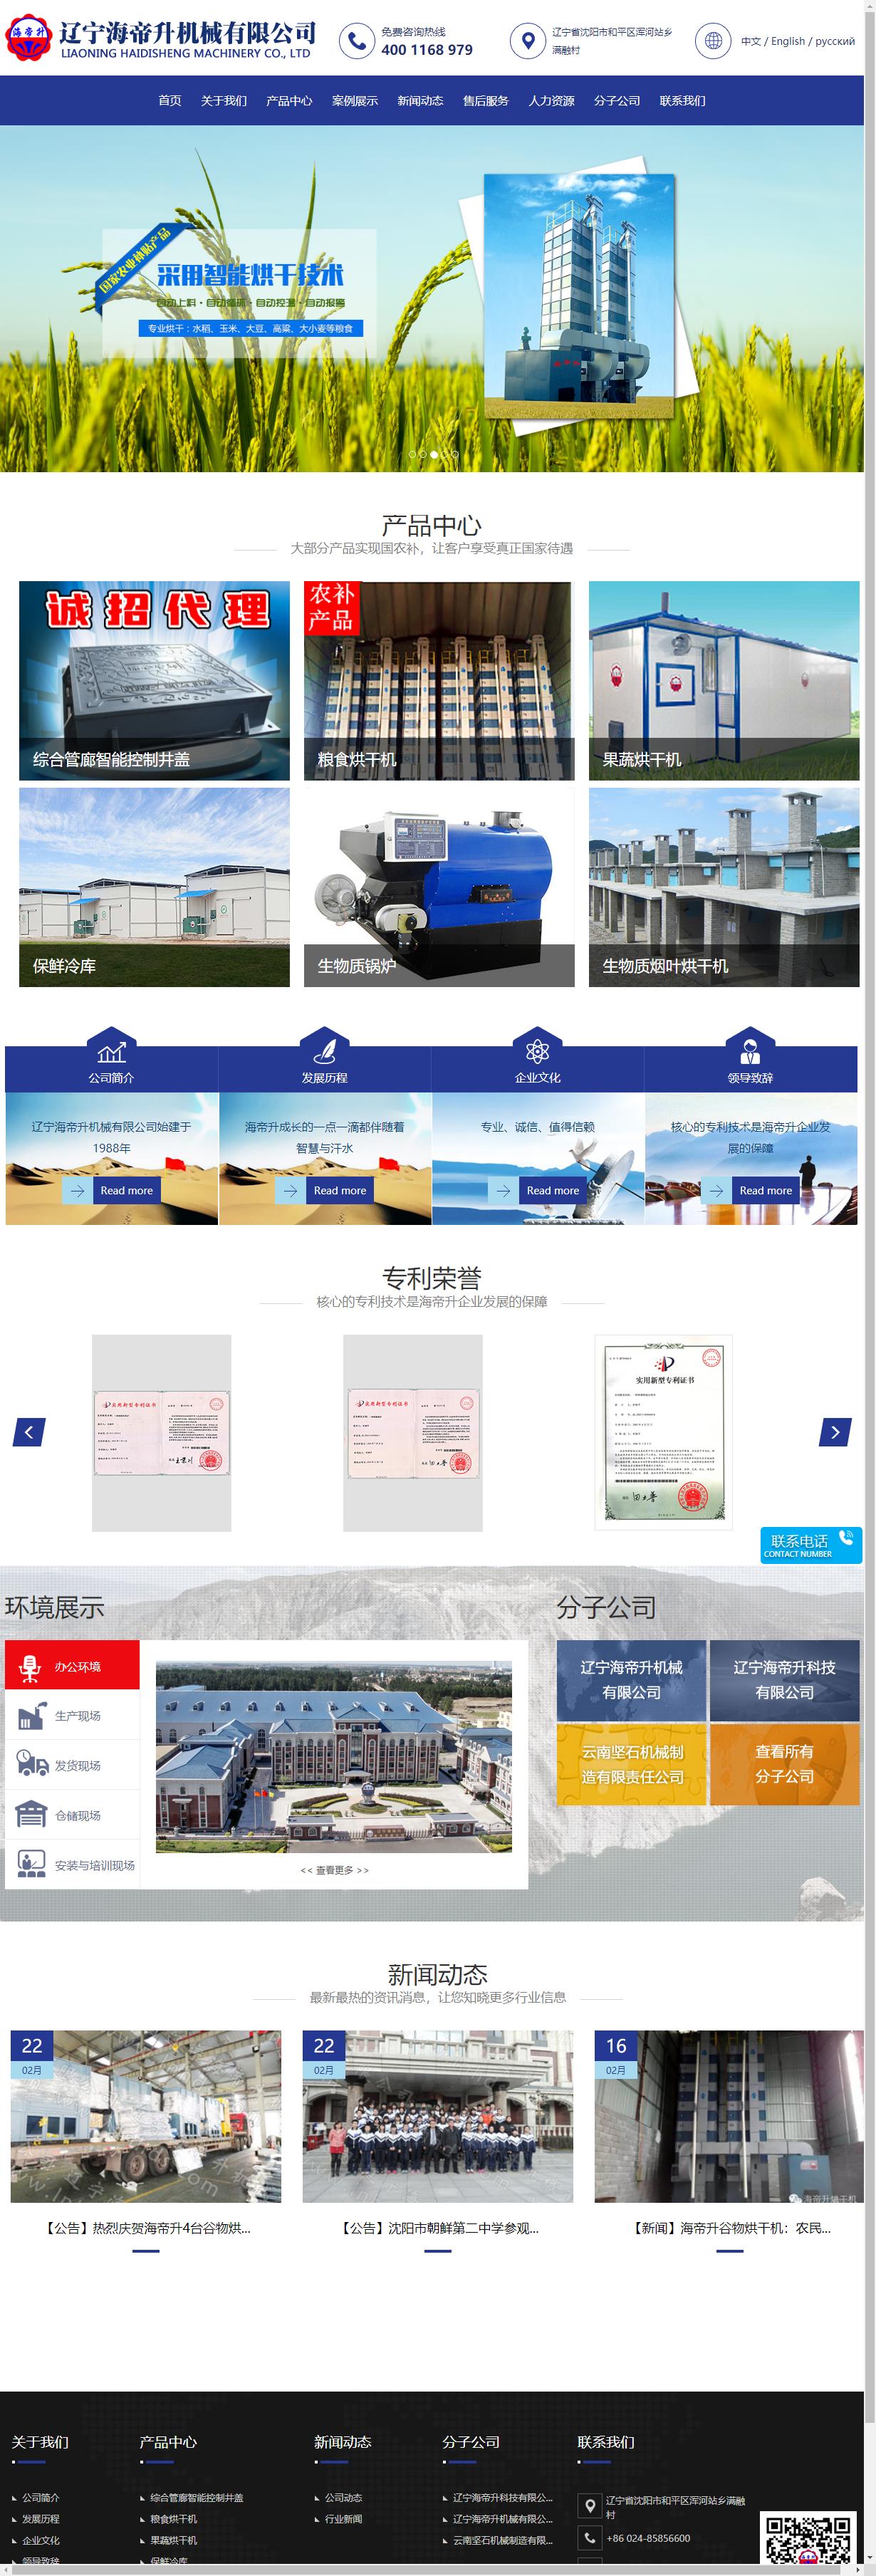 辽宁海帝升机械有限公司网站案例